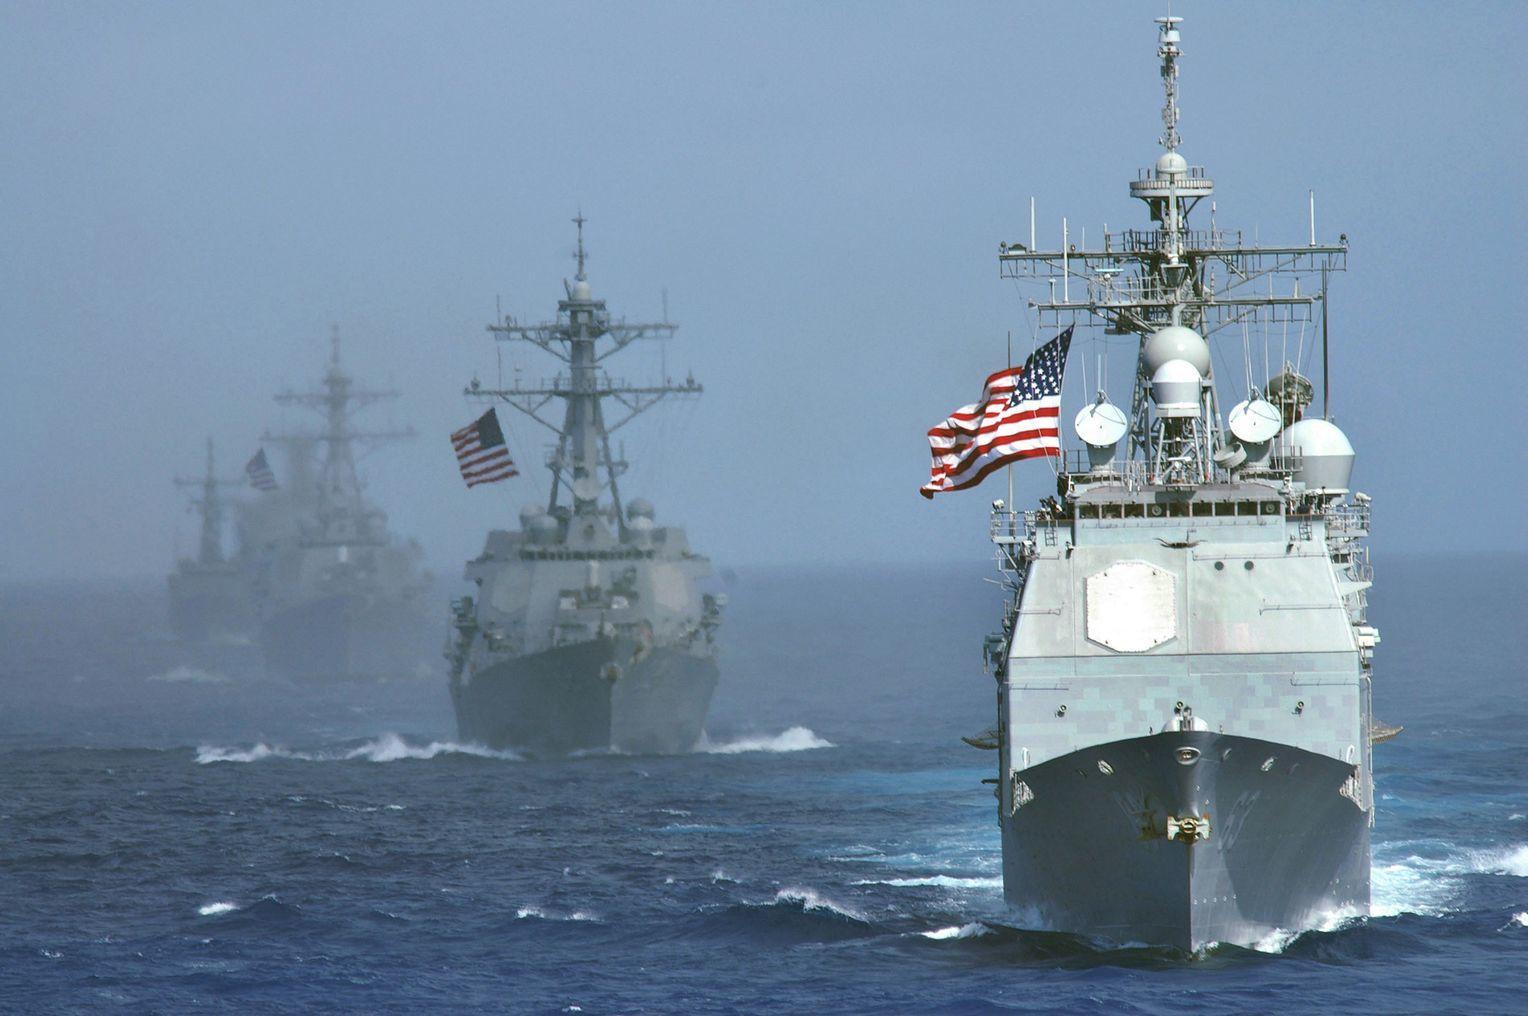 """В районе """"Северного потока-2"""" появились военные корабли и подводная лодка: Россия бьет тревогу, возможно повреждение газопровода"""